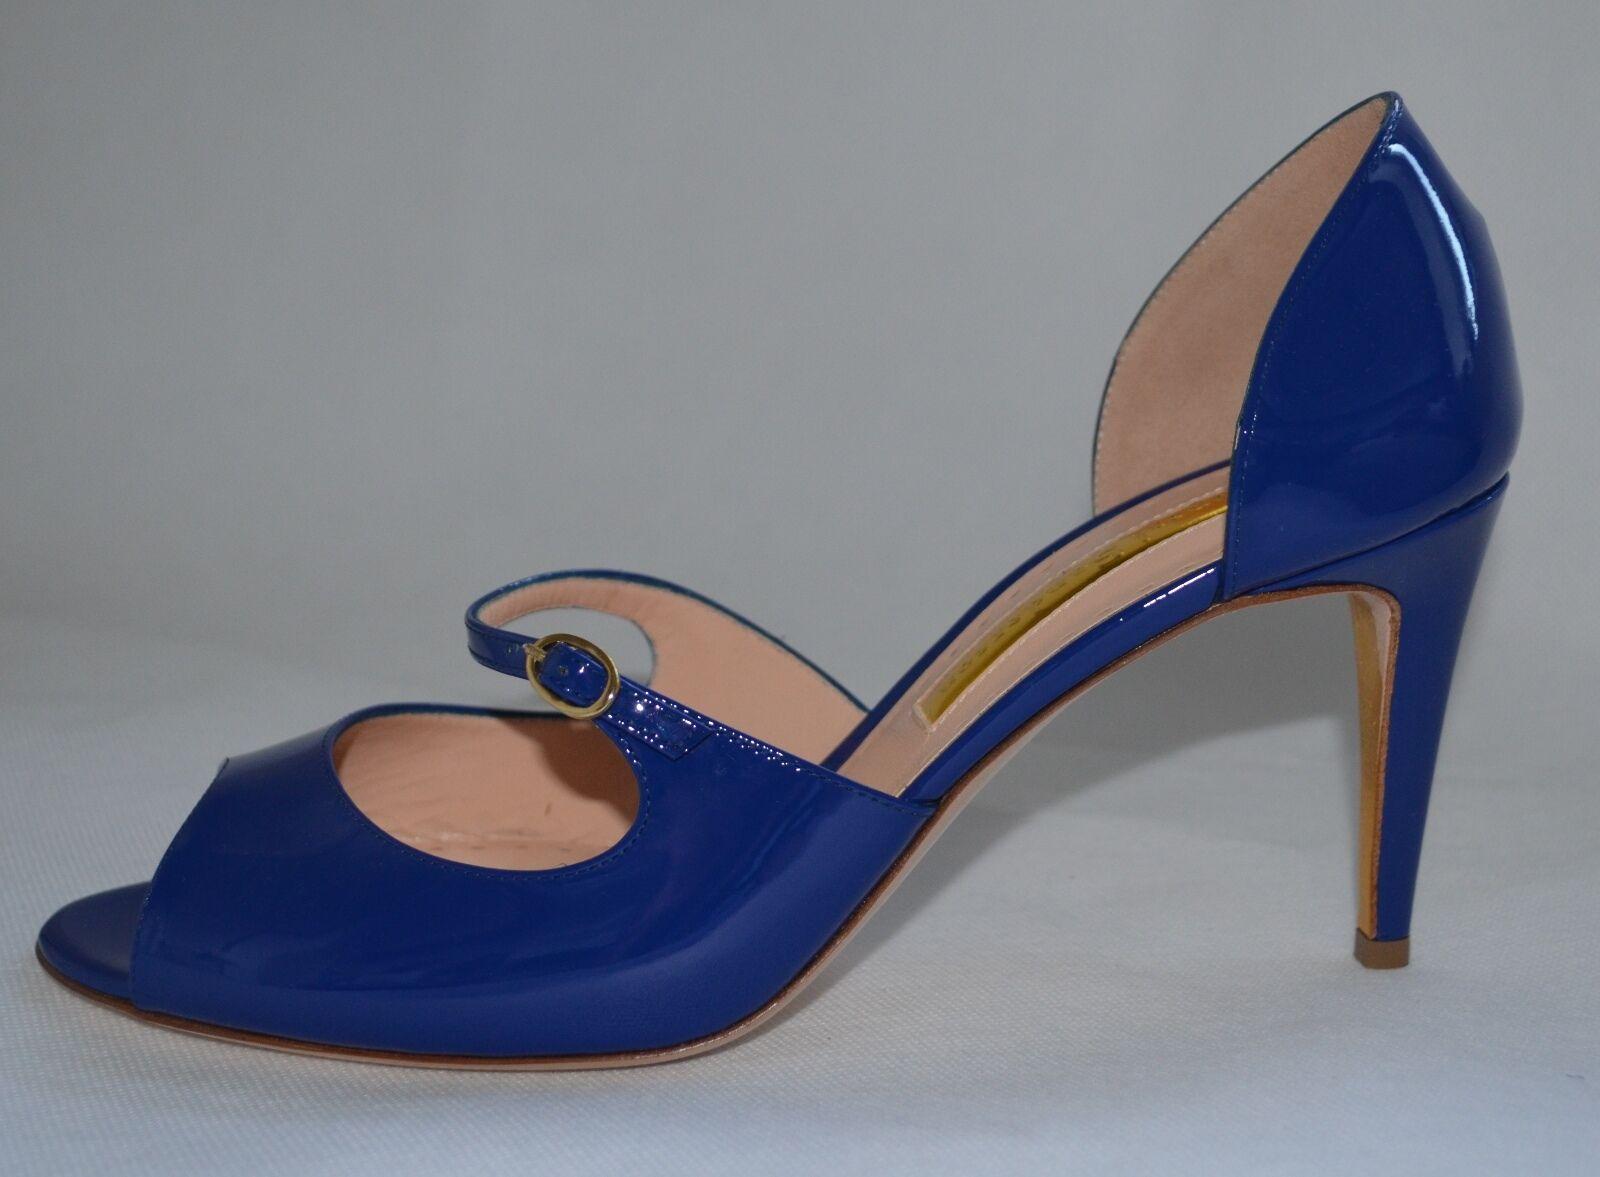 Clearance Rupert Sanderson  blå läder Sandals UK8 UK8 UK8  EU41  mode galleria